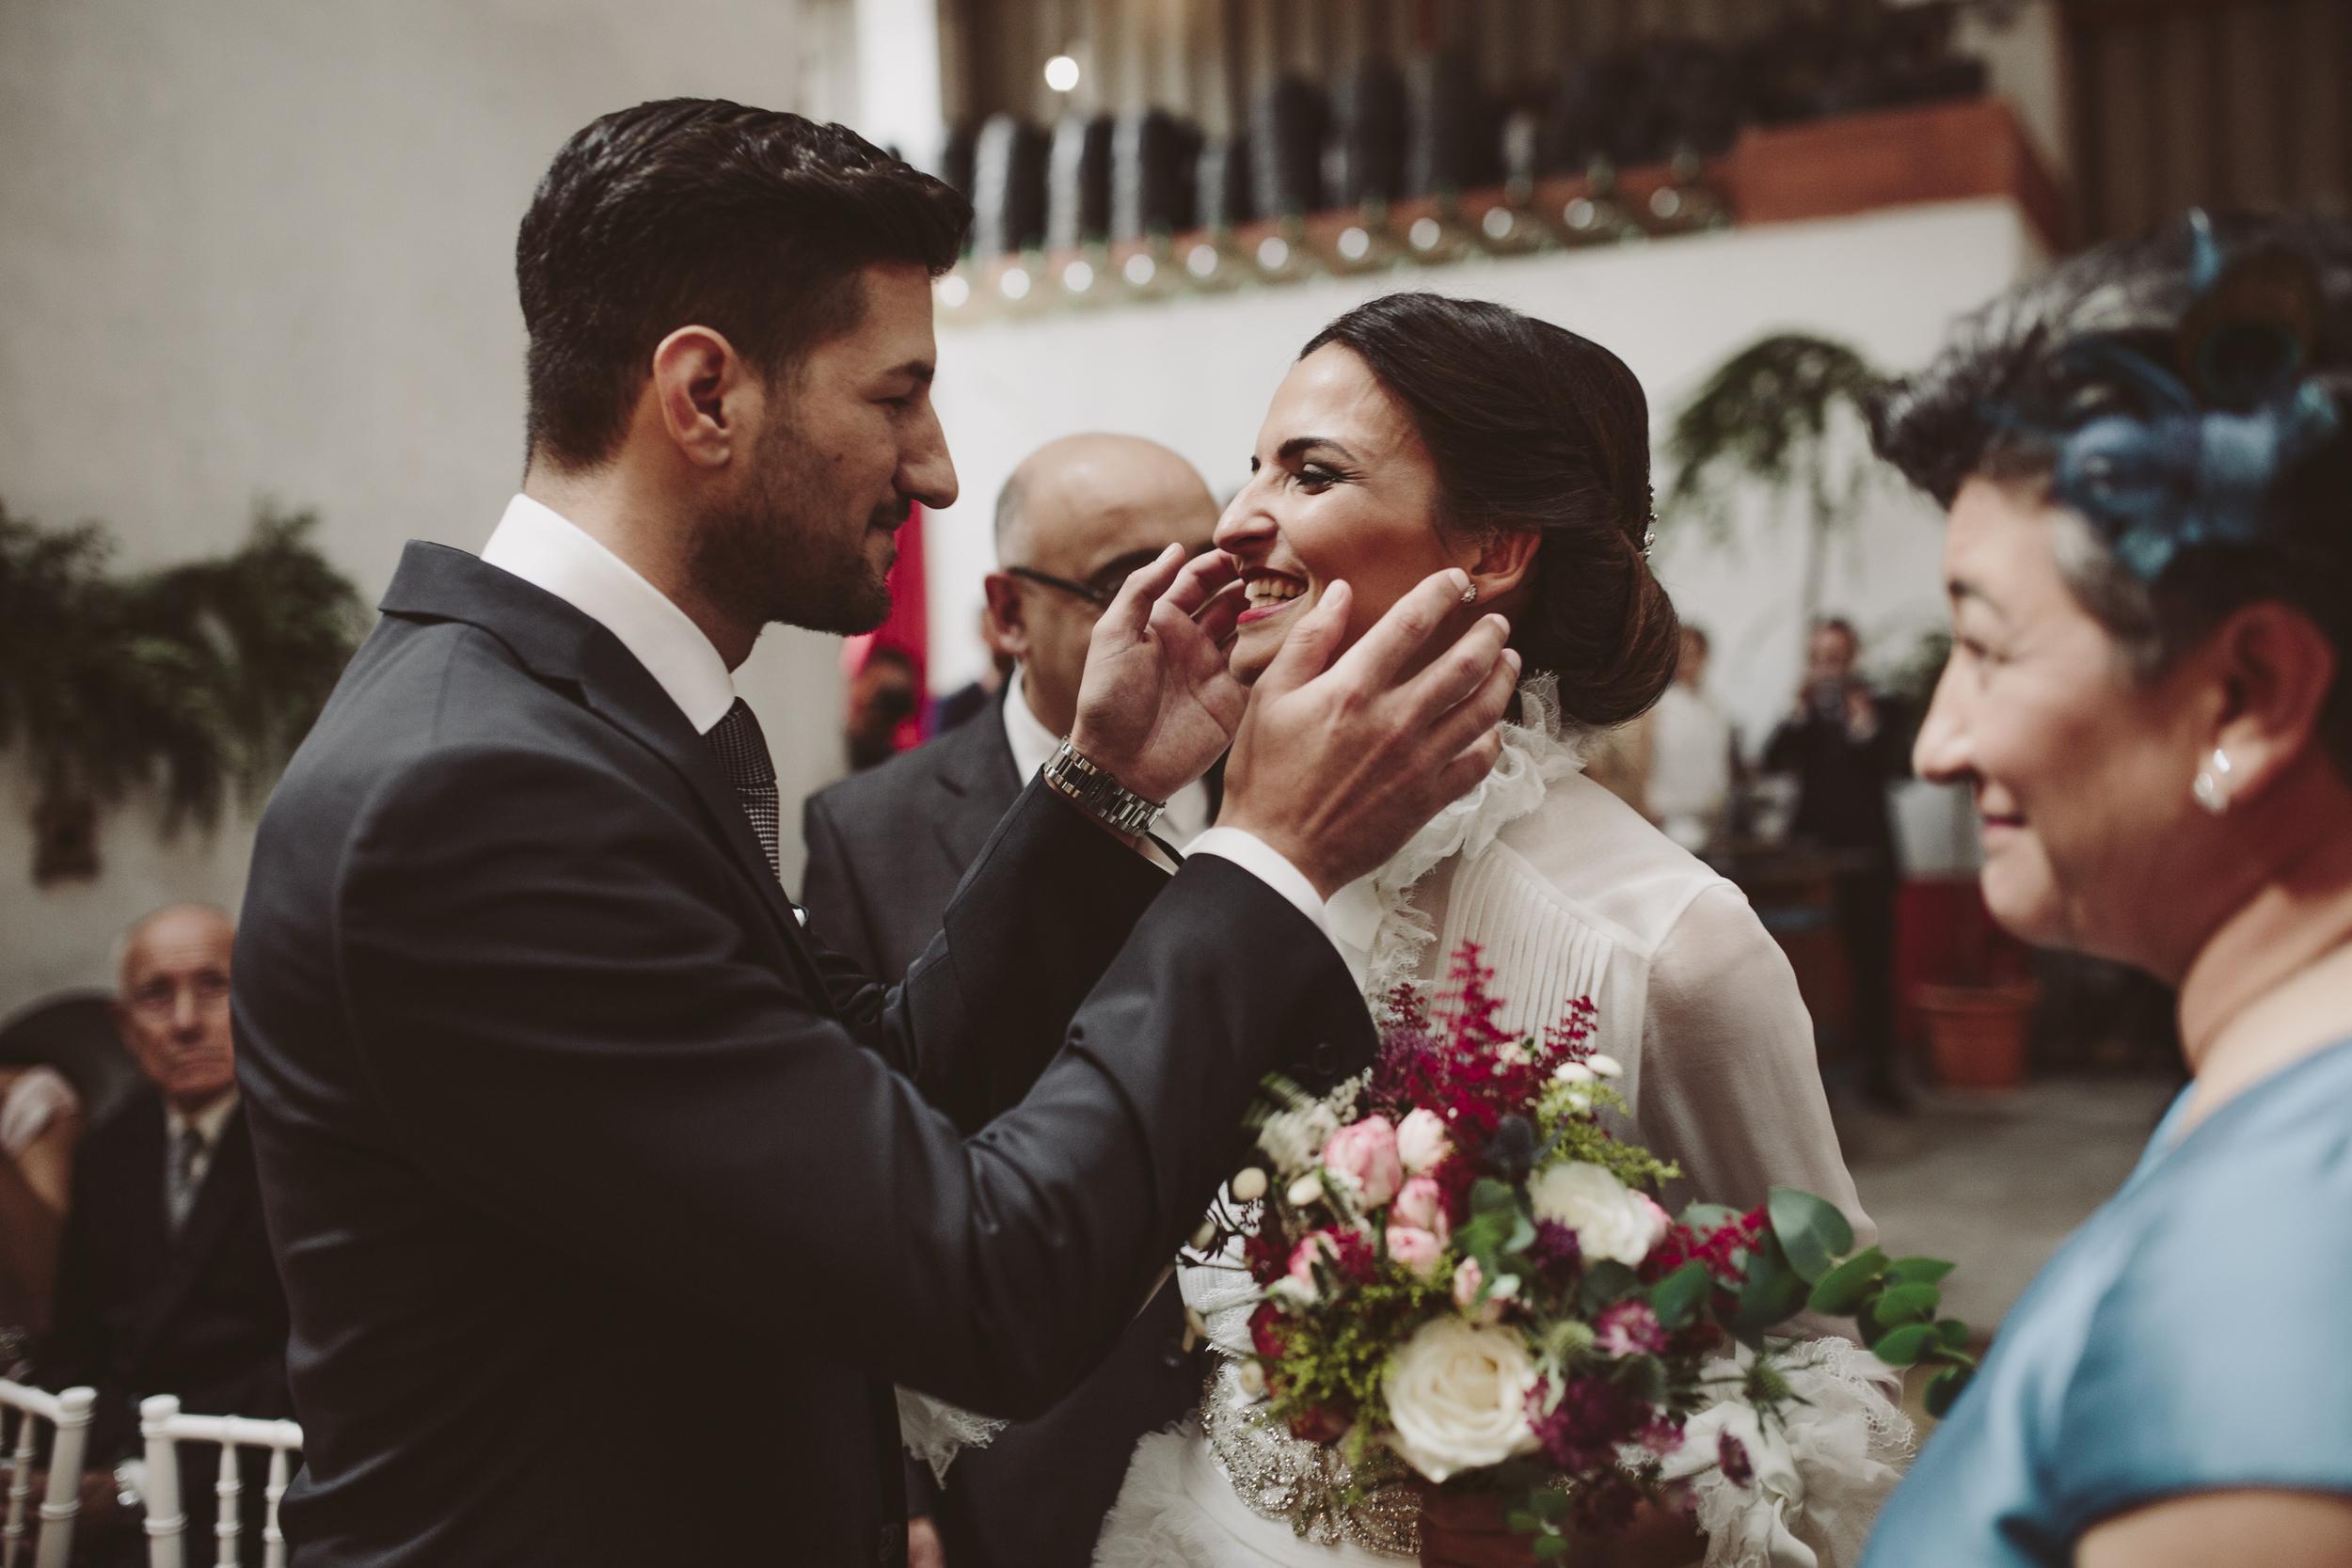 Fotografo bodas Pontevedra Graciela Vilagudin 621.jpg